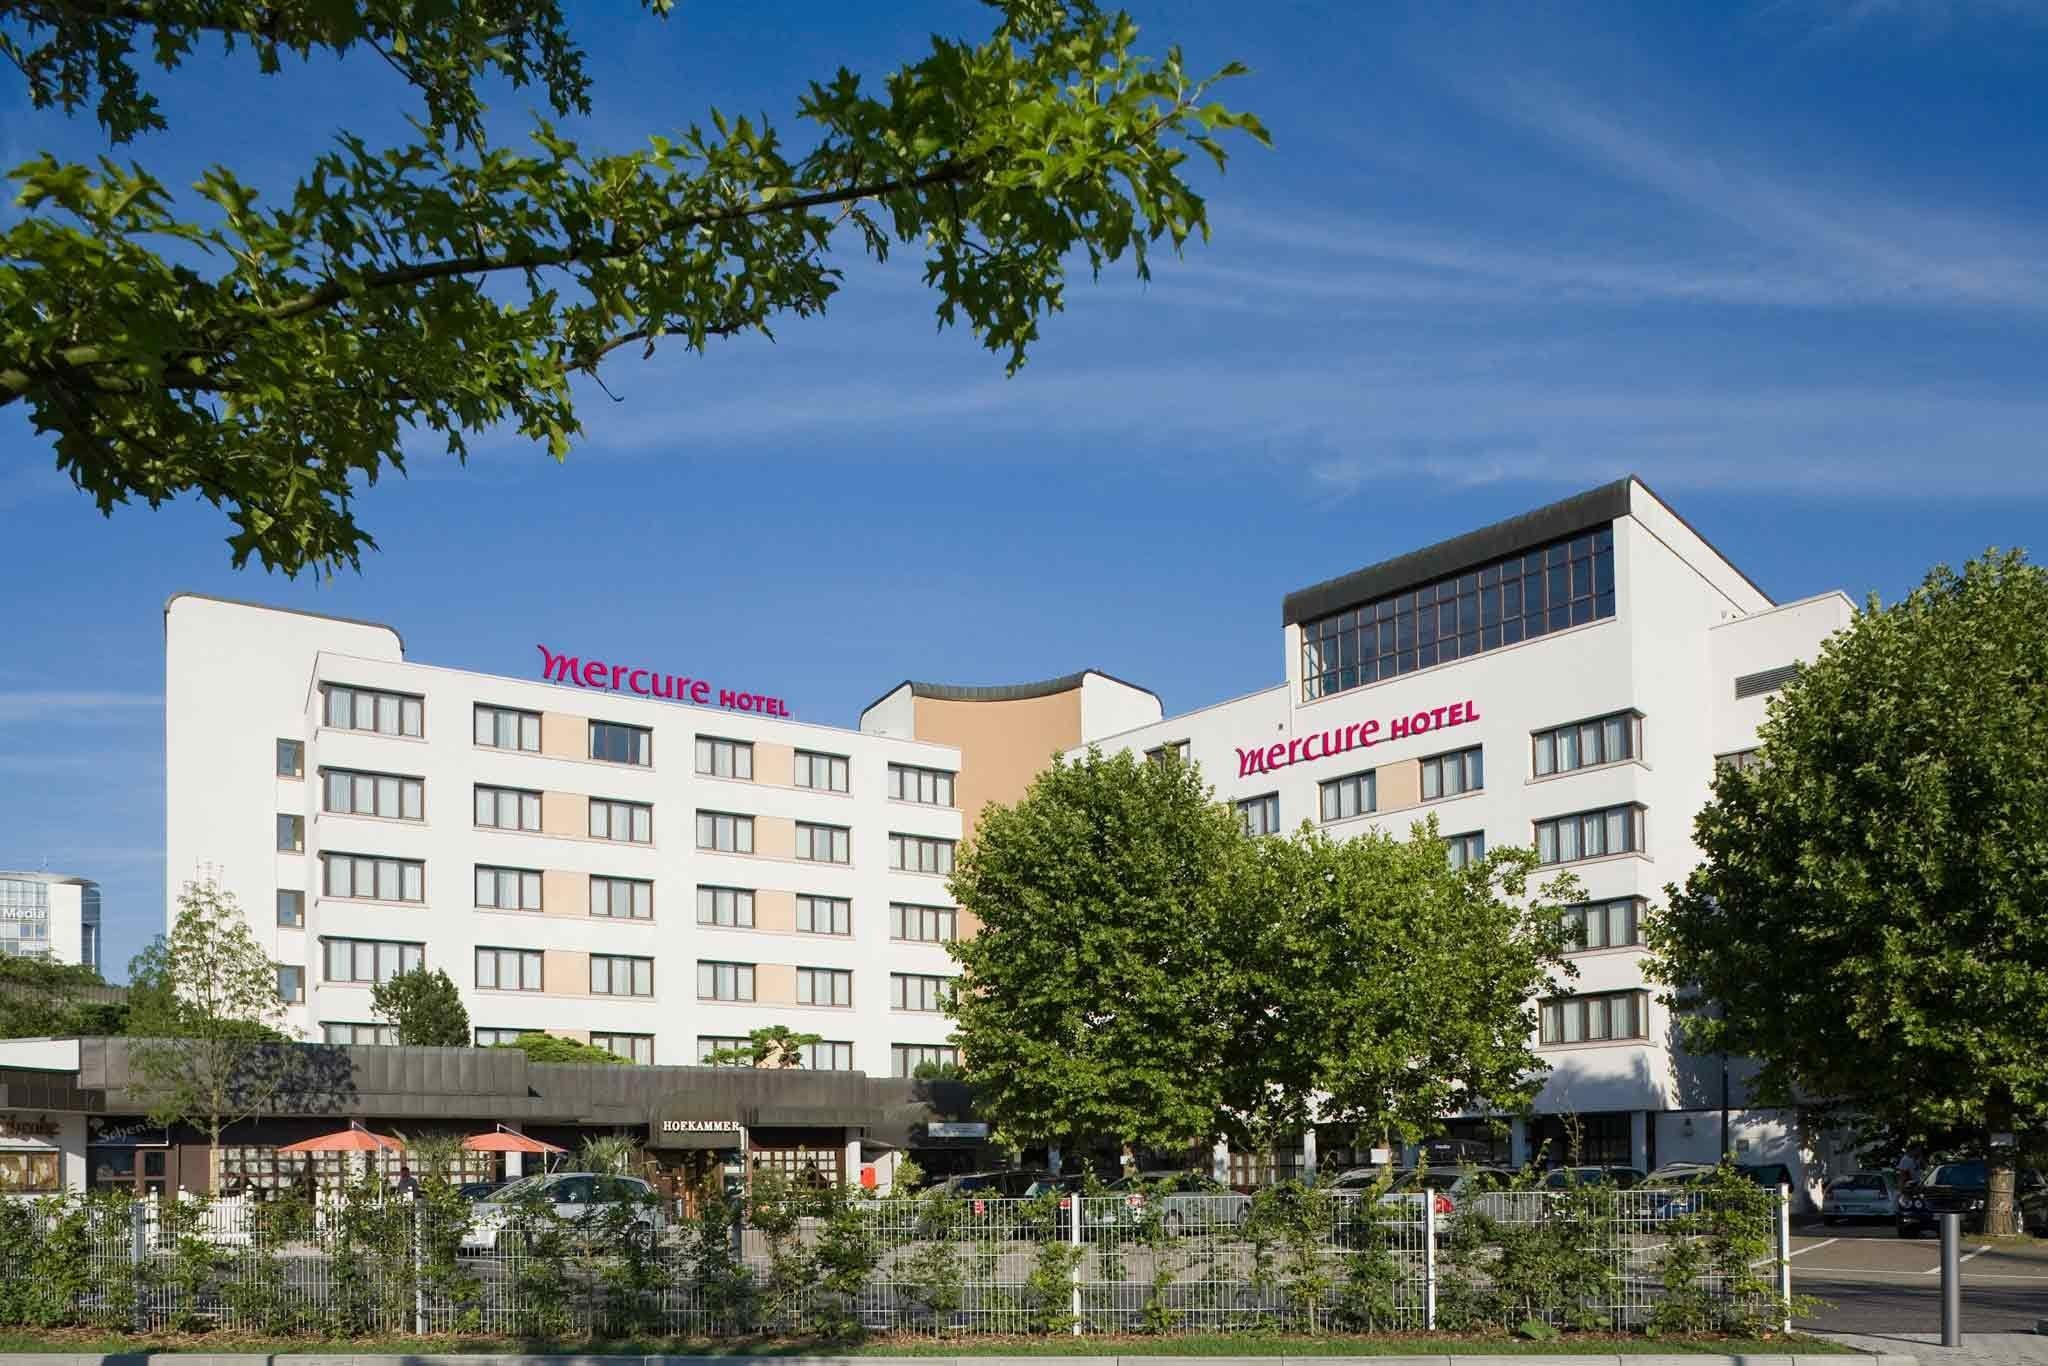 奥芬堡展览广场美居酒店